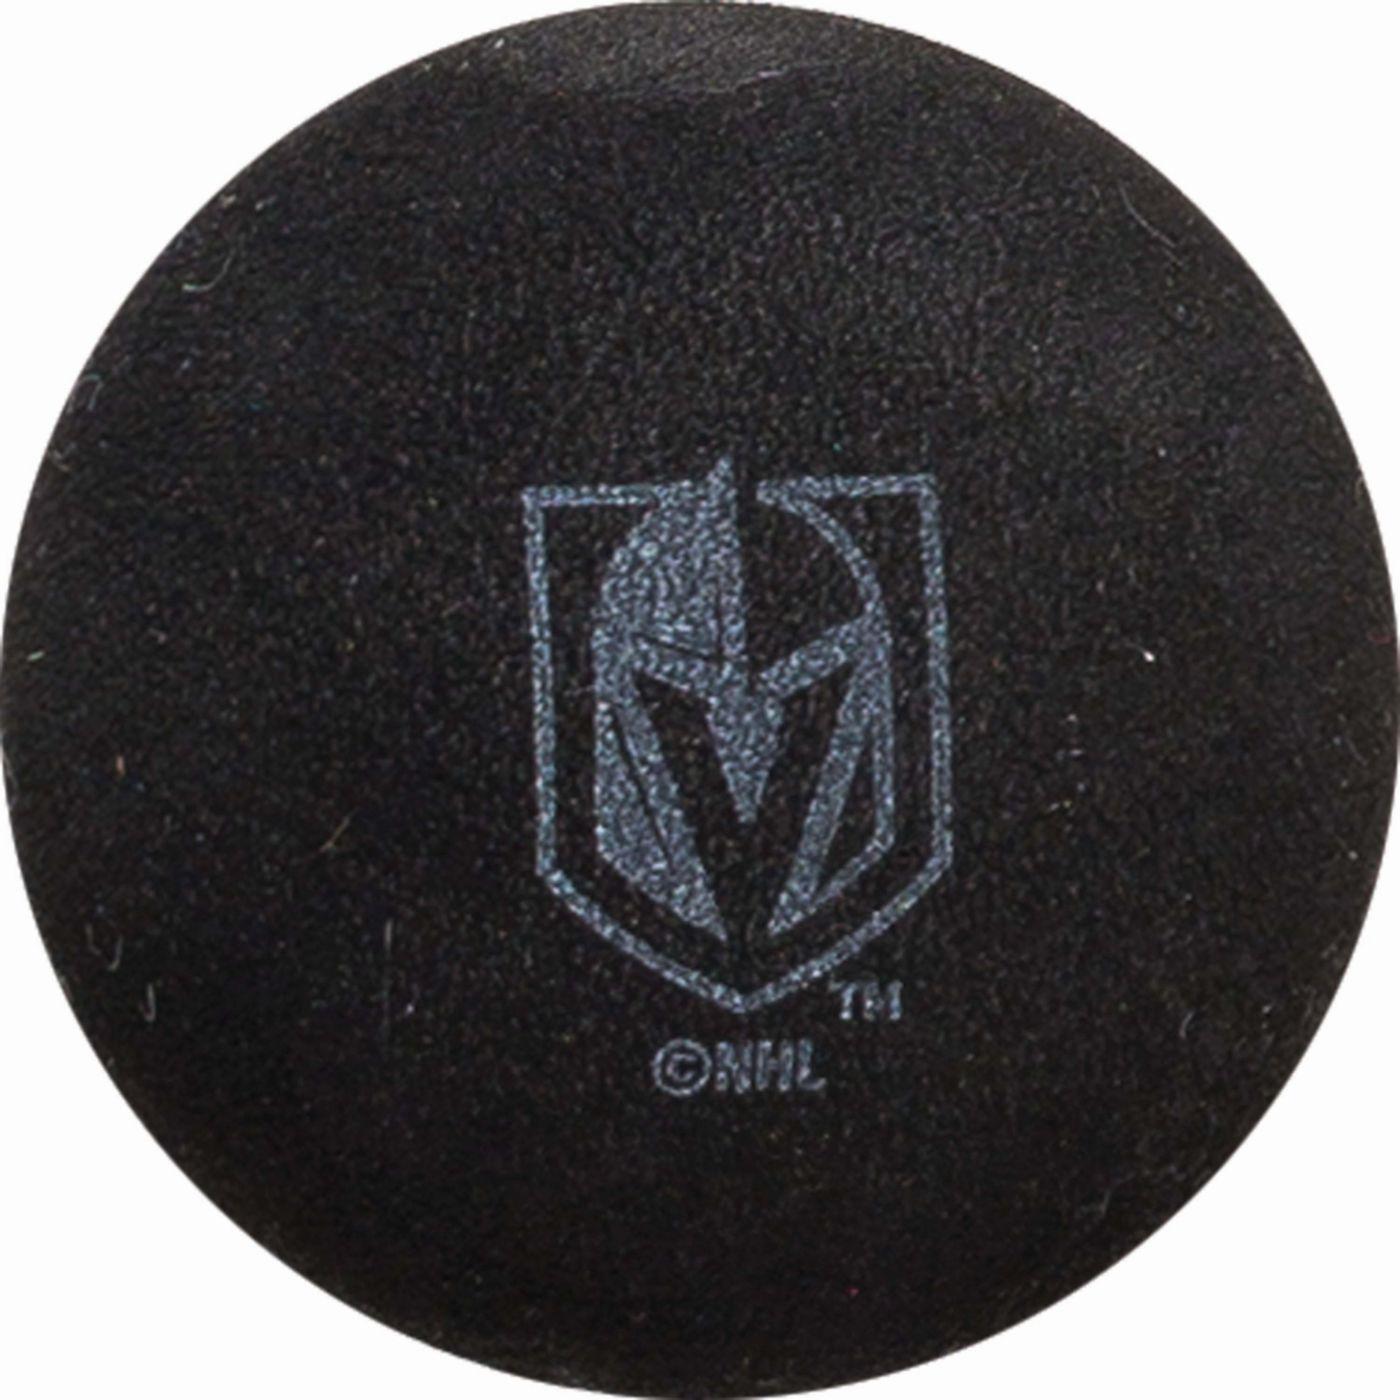 Franklin Vegas Golden Knights 6 Pack Hockey Balls